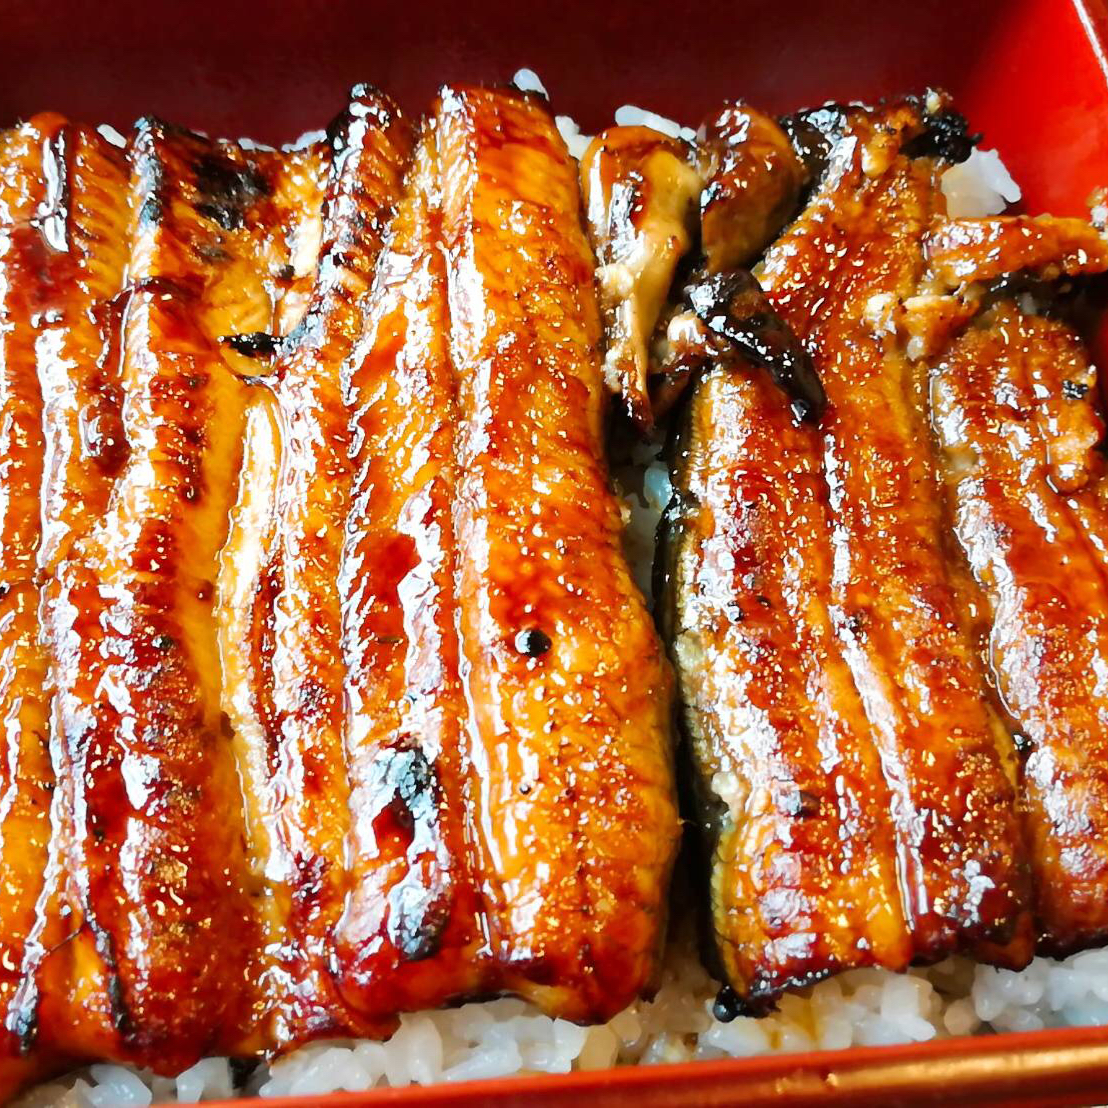 羽生市の美味しいうなぎ屋『魚徳』は予約を取って行くのが良し!